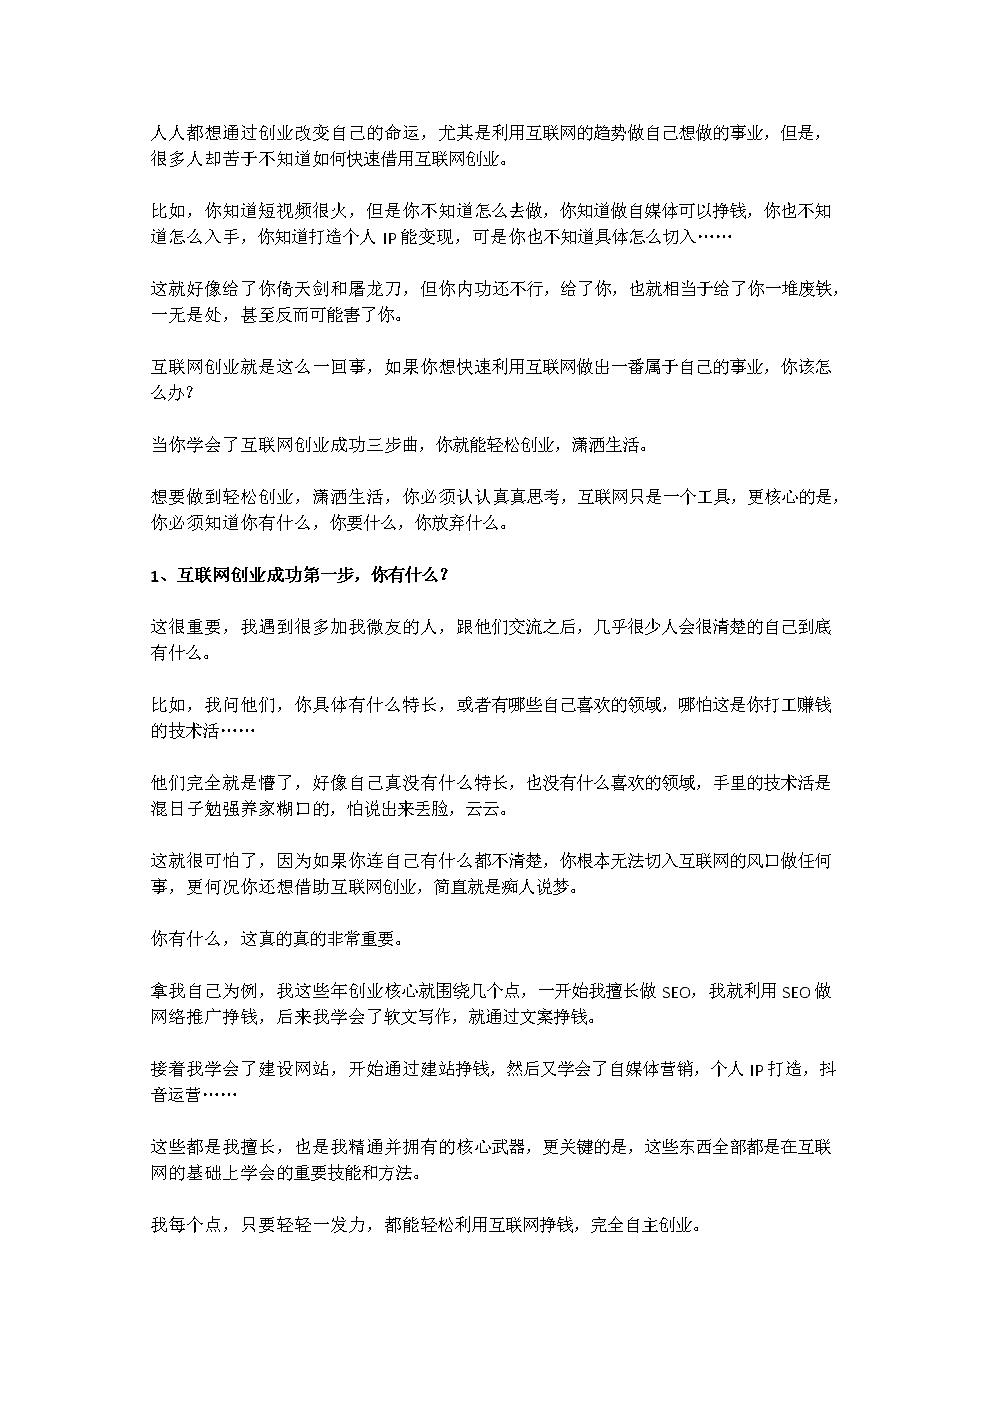 吴韦朋:如何快速利用互联网创业?.doc